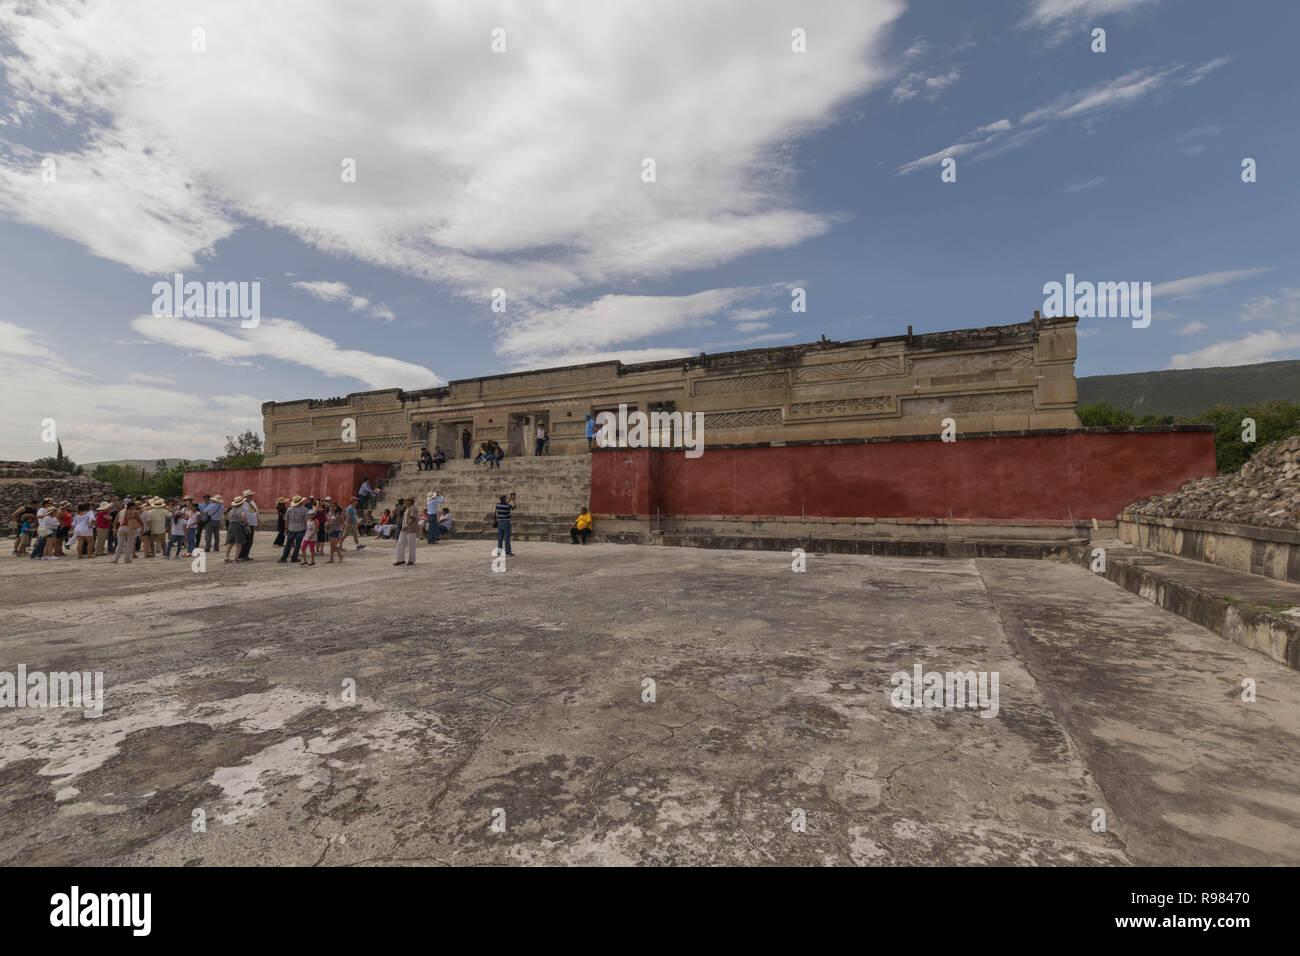 Muchos turistas de pie en frente de una de las principales ruinas de Mitla, en Oaxaca, México Imagen De Stock